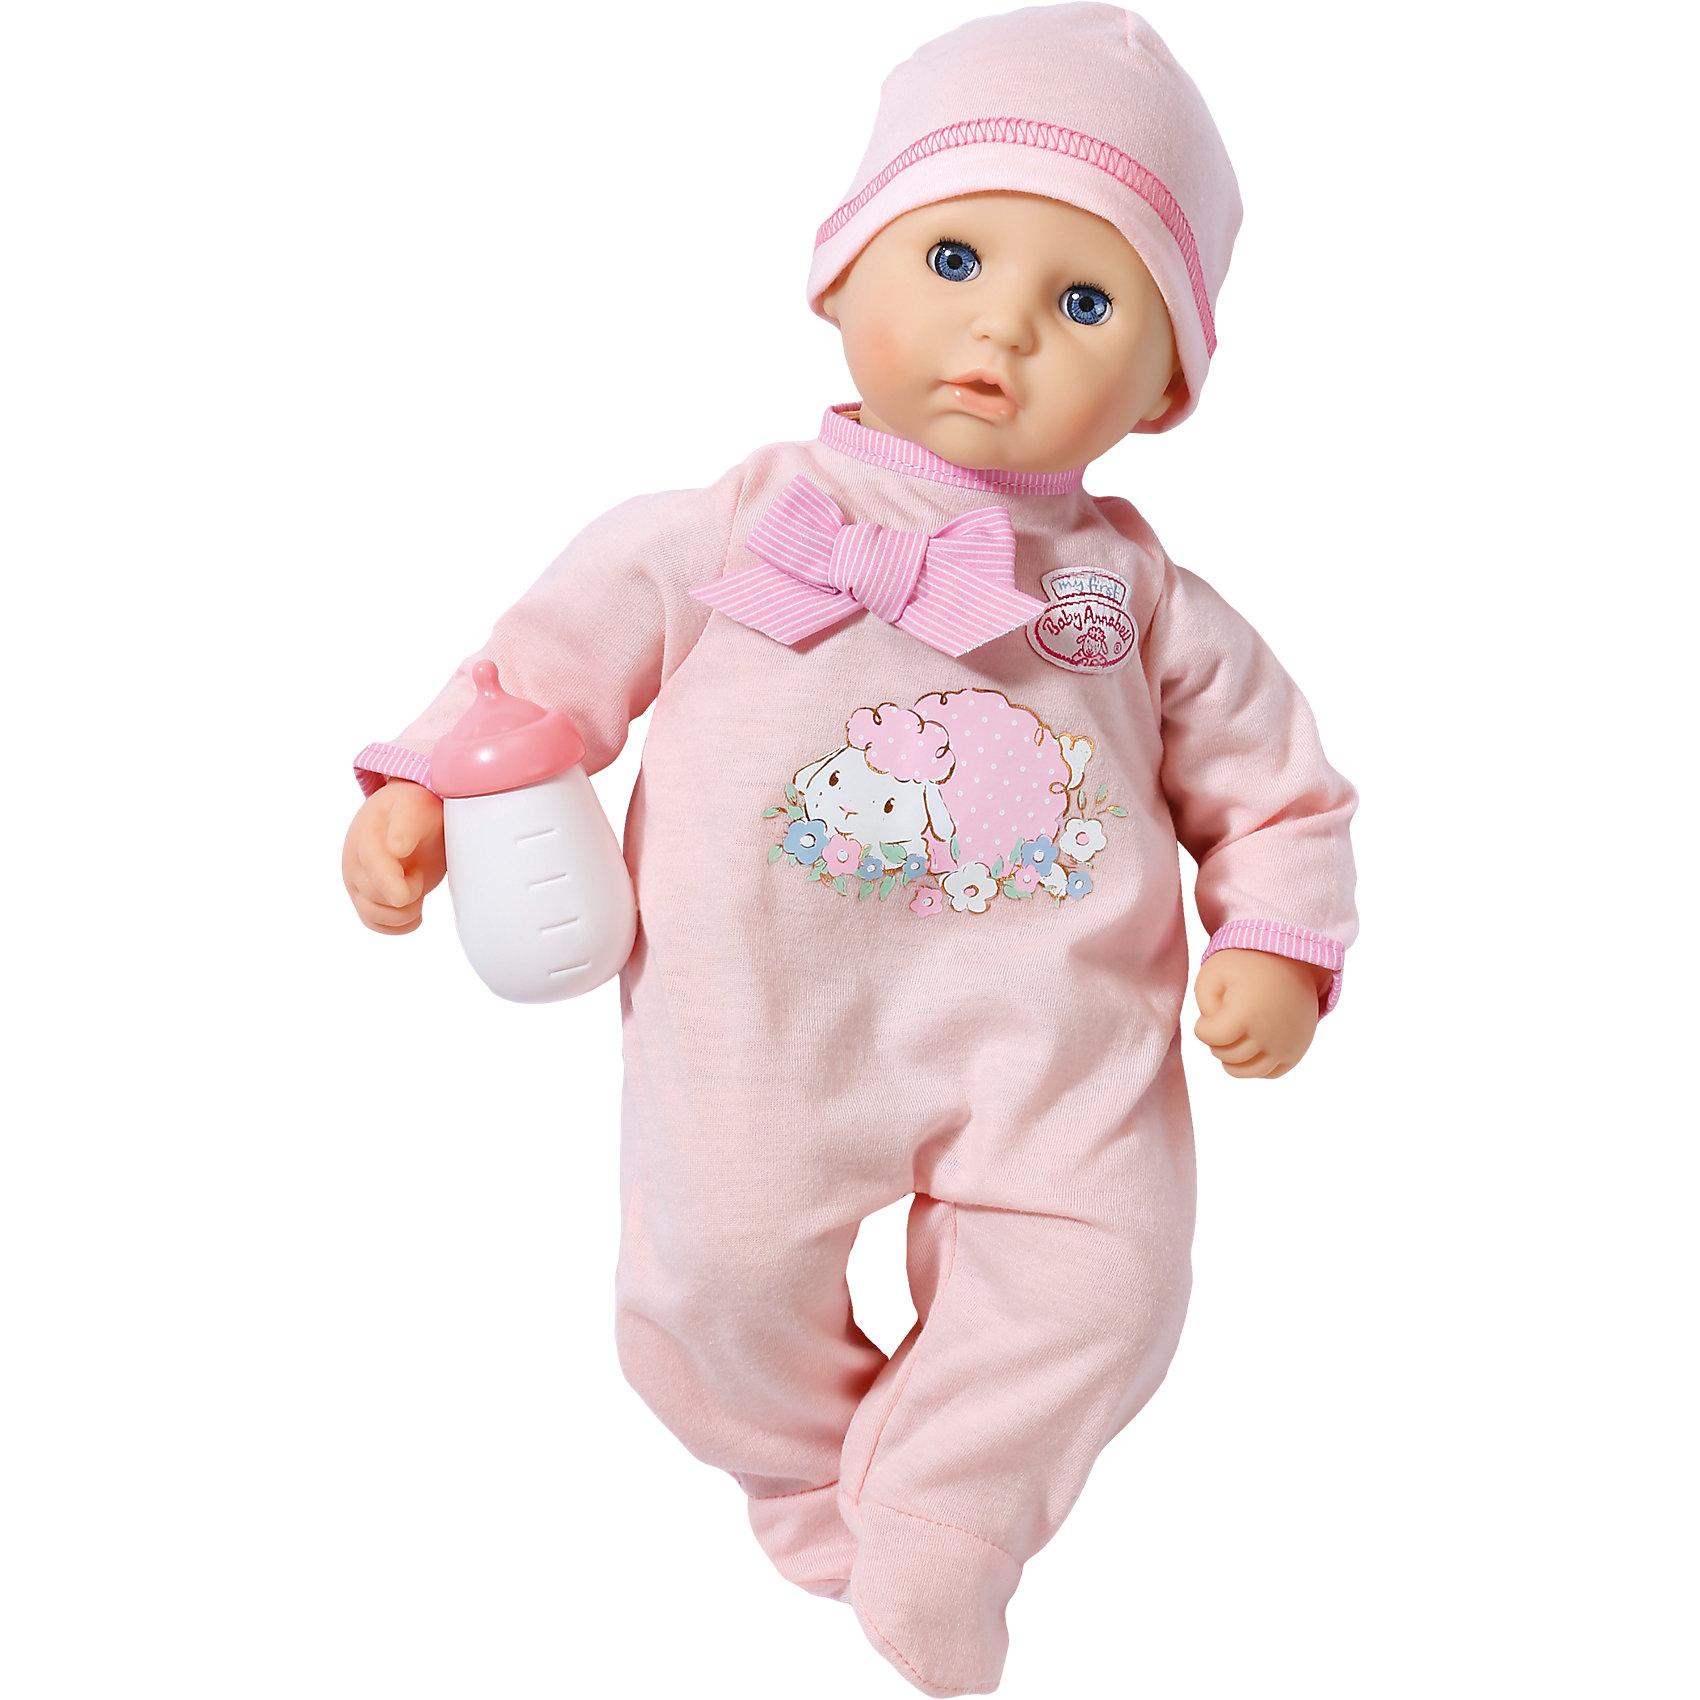 Кукла с бутылочкой, 36 см, my first Baby AnnabellБренды кукол<br>Кукла с бутылочкой, 36 см, my first Baby Annabell<br><br>Характеристики:<br><br>• В набор входит: кукла, одежда, бутылочка<br>• Состав: пластик, текстиль<br>• Высота куклы: 36 см.<br>• Размер упаковки: 31 * 16,5 * 20 см.<br>• Для детей в возрасте: от 1 года<br>• Страна производитель: Китай<br><br>Кукла с любопытством смотрит на мир своими голубыми глазками, её милый ротик приоткрыт от удивления. Моя первая Бэби Аннабель хочет изучать мир вместе со своей мамой и быть окружённой нежной заботой. Конечно же, в набор входит её бутылочка для кормления и первый наряд. <br><br>Розовый комбинезончик с овечкой и нежным бантиком выполнен в соответствии с технологией easy on+off, которая позволяет даже самым маленьким ручкам снимать и одевать комбинезончик. Маленькая «первая модель» куколки размером в 36 см. оснащена мягким телом и безопасна для малышей. Бутылочка изготовлена из безопасного пластика и не имеет острых краев.<br><br>Куклу с бутылочкой, 36 см, my first Baby Annabell можно купить в нашем интернет-магазине.<br><br>Ширина мм: 316<br>Глубина мм: 207<br>Высота мм: 171<br>Вес г: 546<br>Возраст от месяцев: 12<br>Возраст до месяцев: 36<br>Пол: Женский<br>Возраст: Детский<br>SKU: 4319341